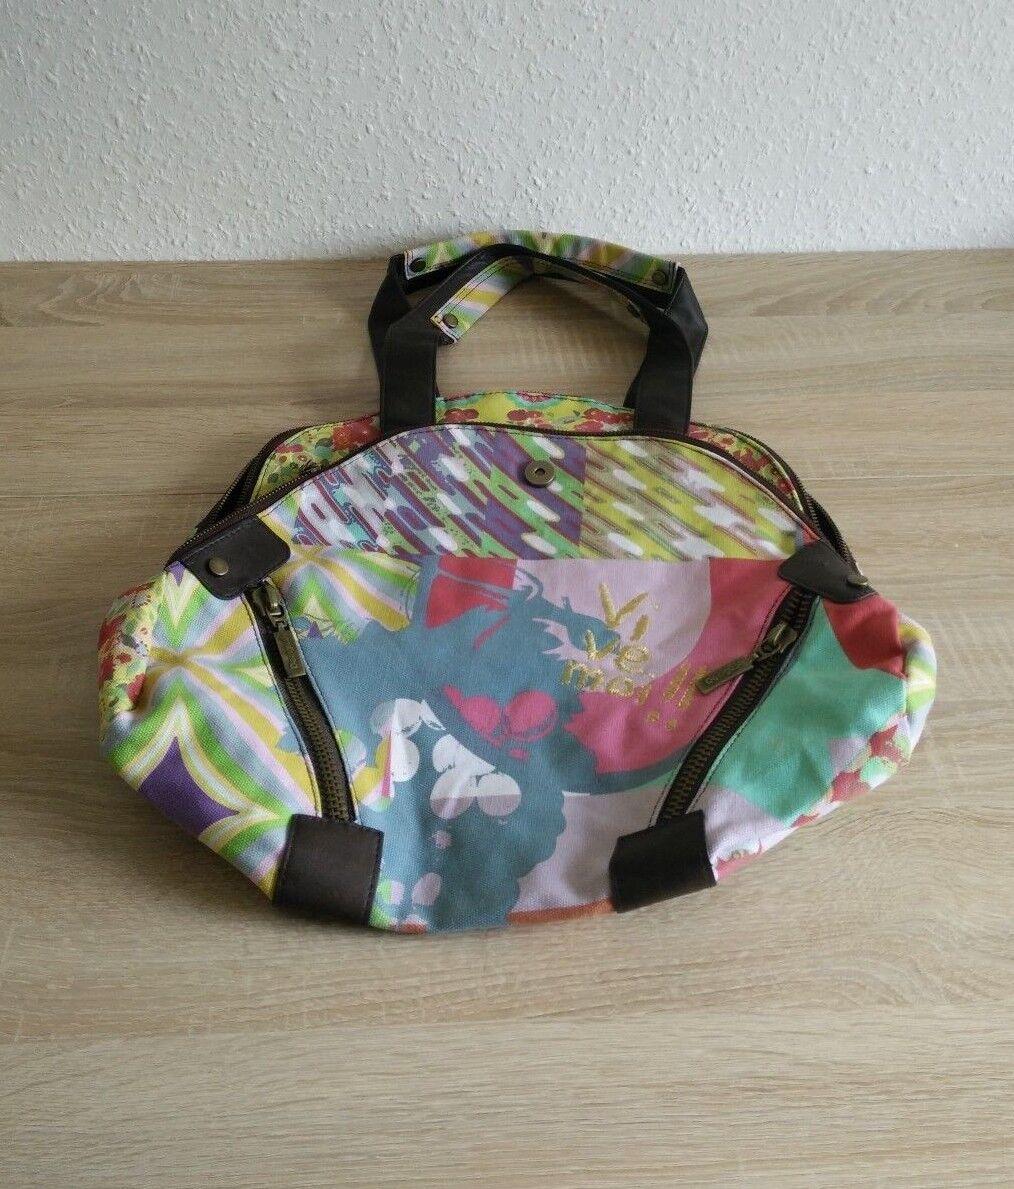 14d39164d3791 Desigual Damen Tasche NP 69.- Handtasche Shopper Schultertasche Bunt TOP  TOP TOP